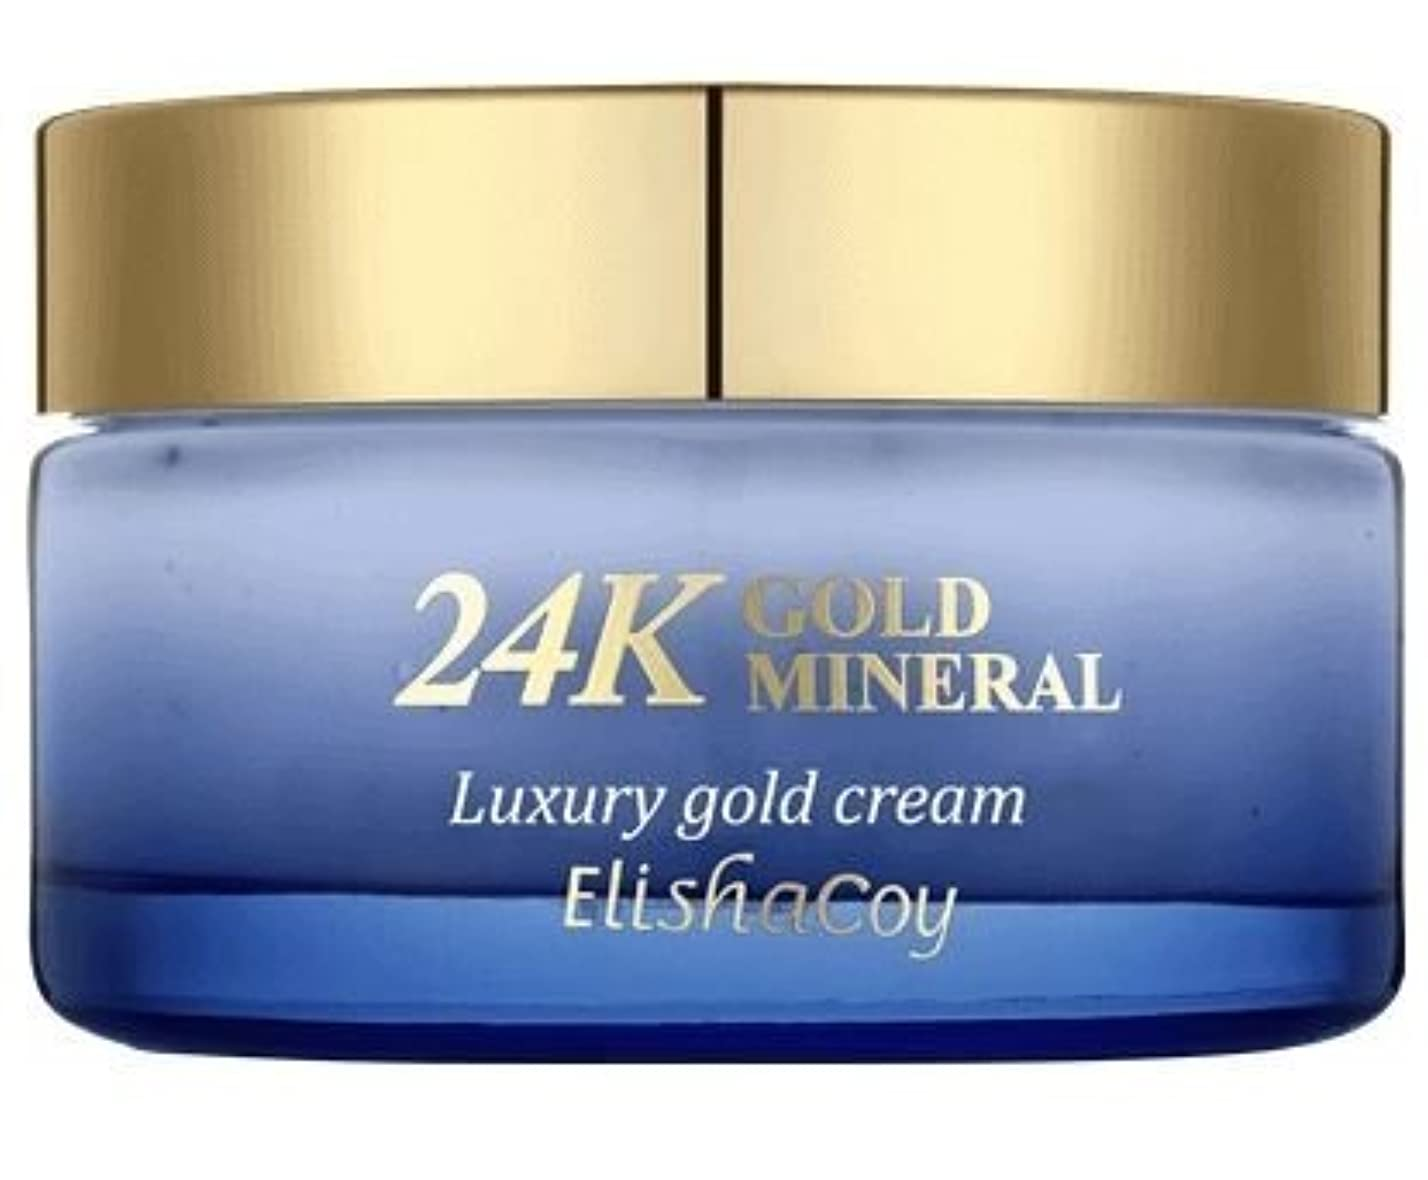 白内障くつろぎとげのある24Kゴールドミネラルクリーム(50g) Elishacoy エリシャコイ